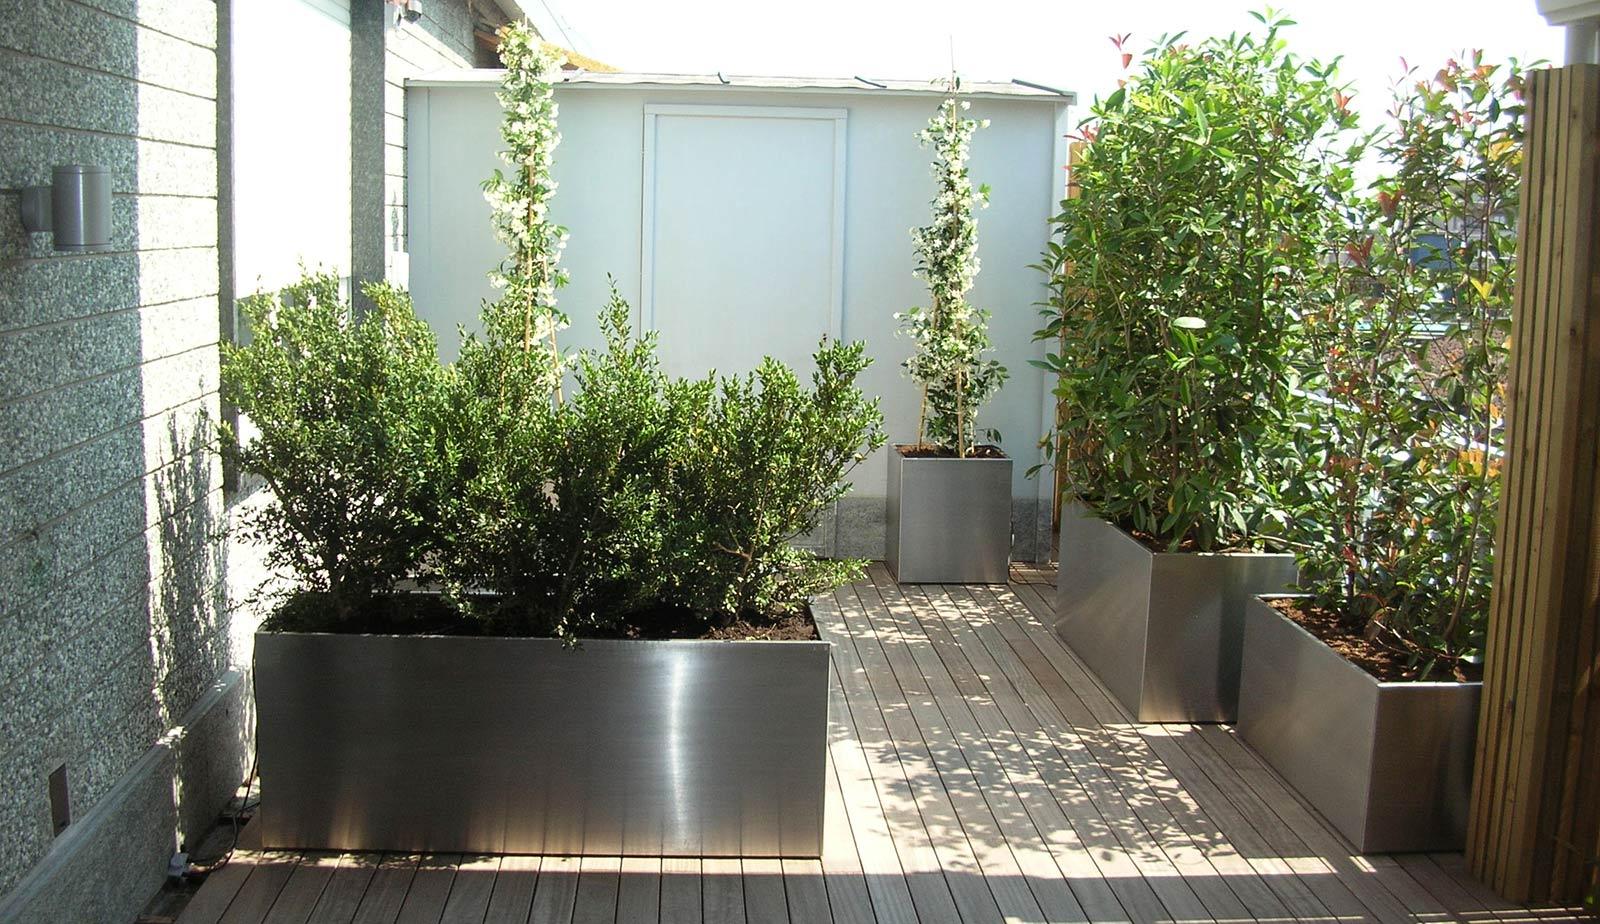 Fioriere in metallo prezzi pannelli termoisolanti for Vasi da giardino ikea